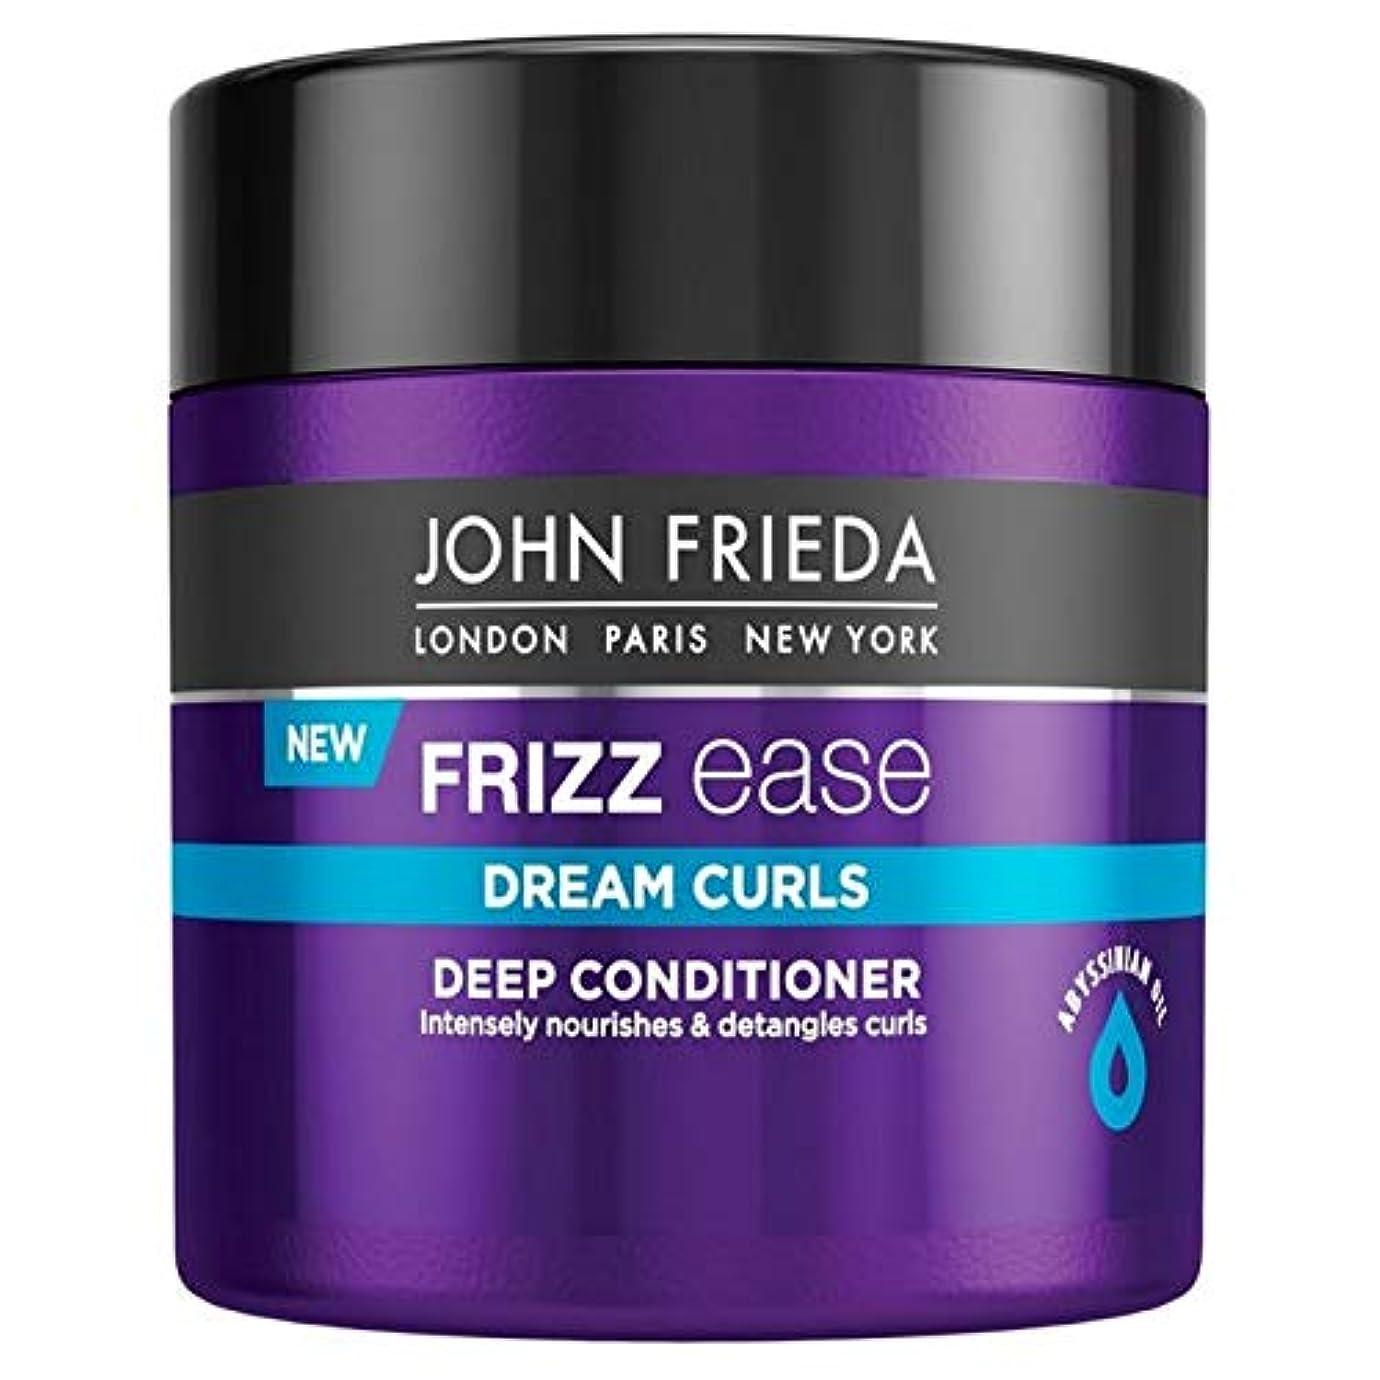 ハリウッド意外どのくらいの頻度で[John Frieda ] ジョン?フリーダ縮れ容易夢カール深いコンディショナー150ミリリットル - John Frieda Frizz Ease Dream Curls Deep Conditioner 150ml [並行輸入品]